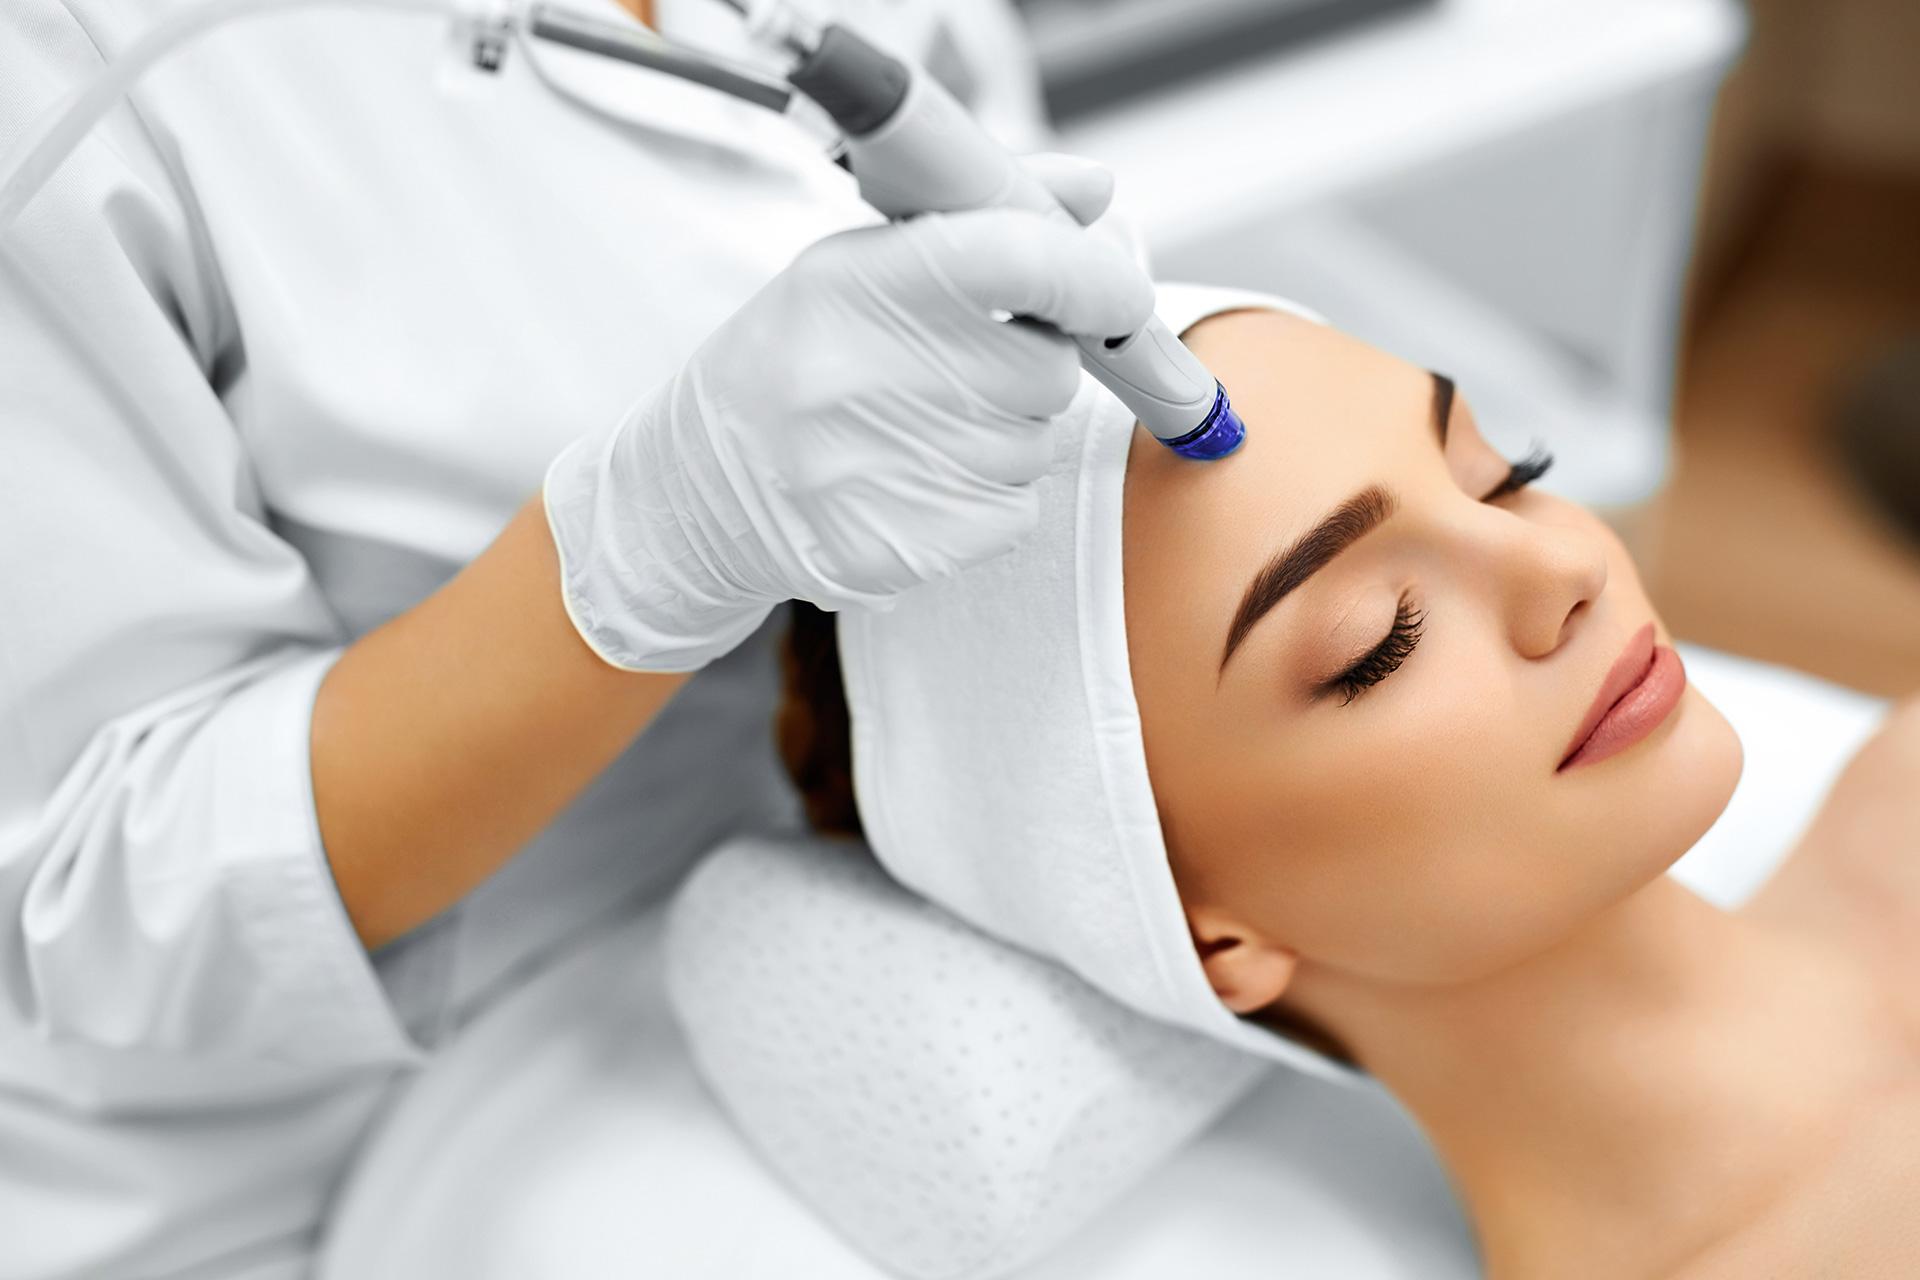 При обращении к косметологу в день прохождения процедуры - консультация бесплатная!